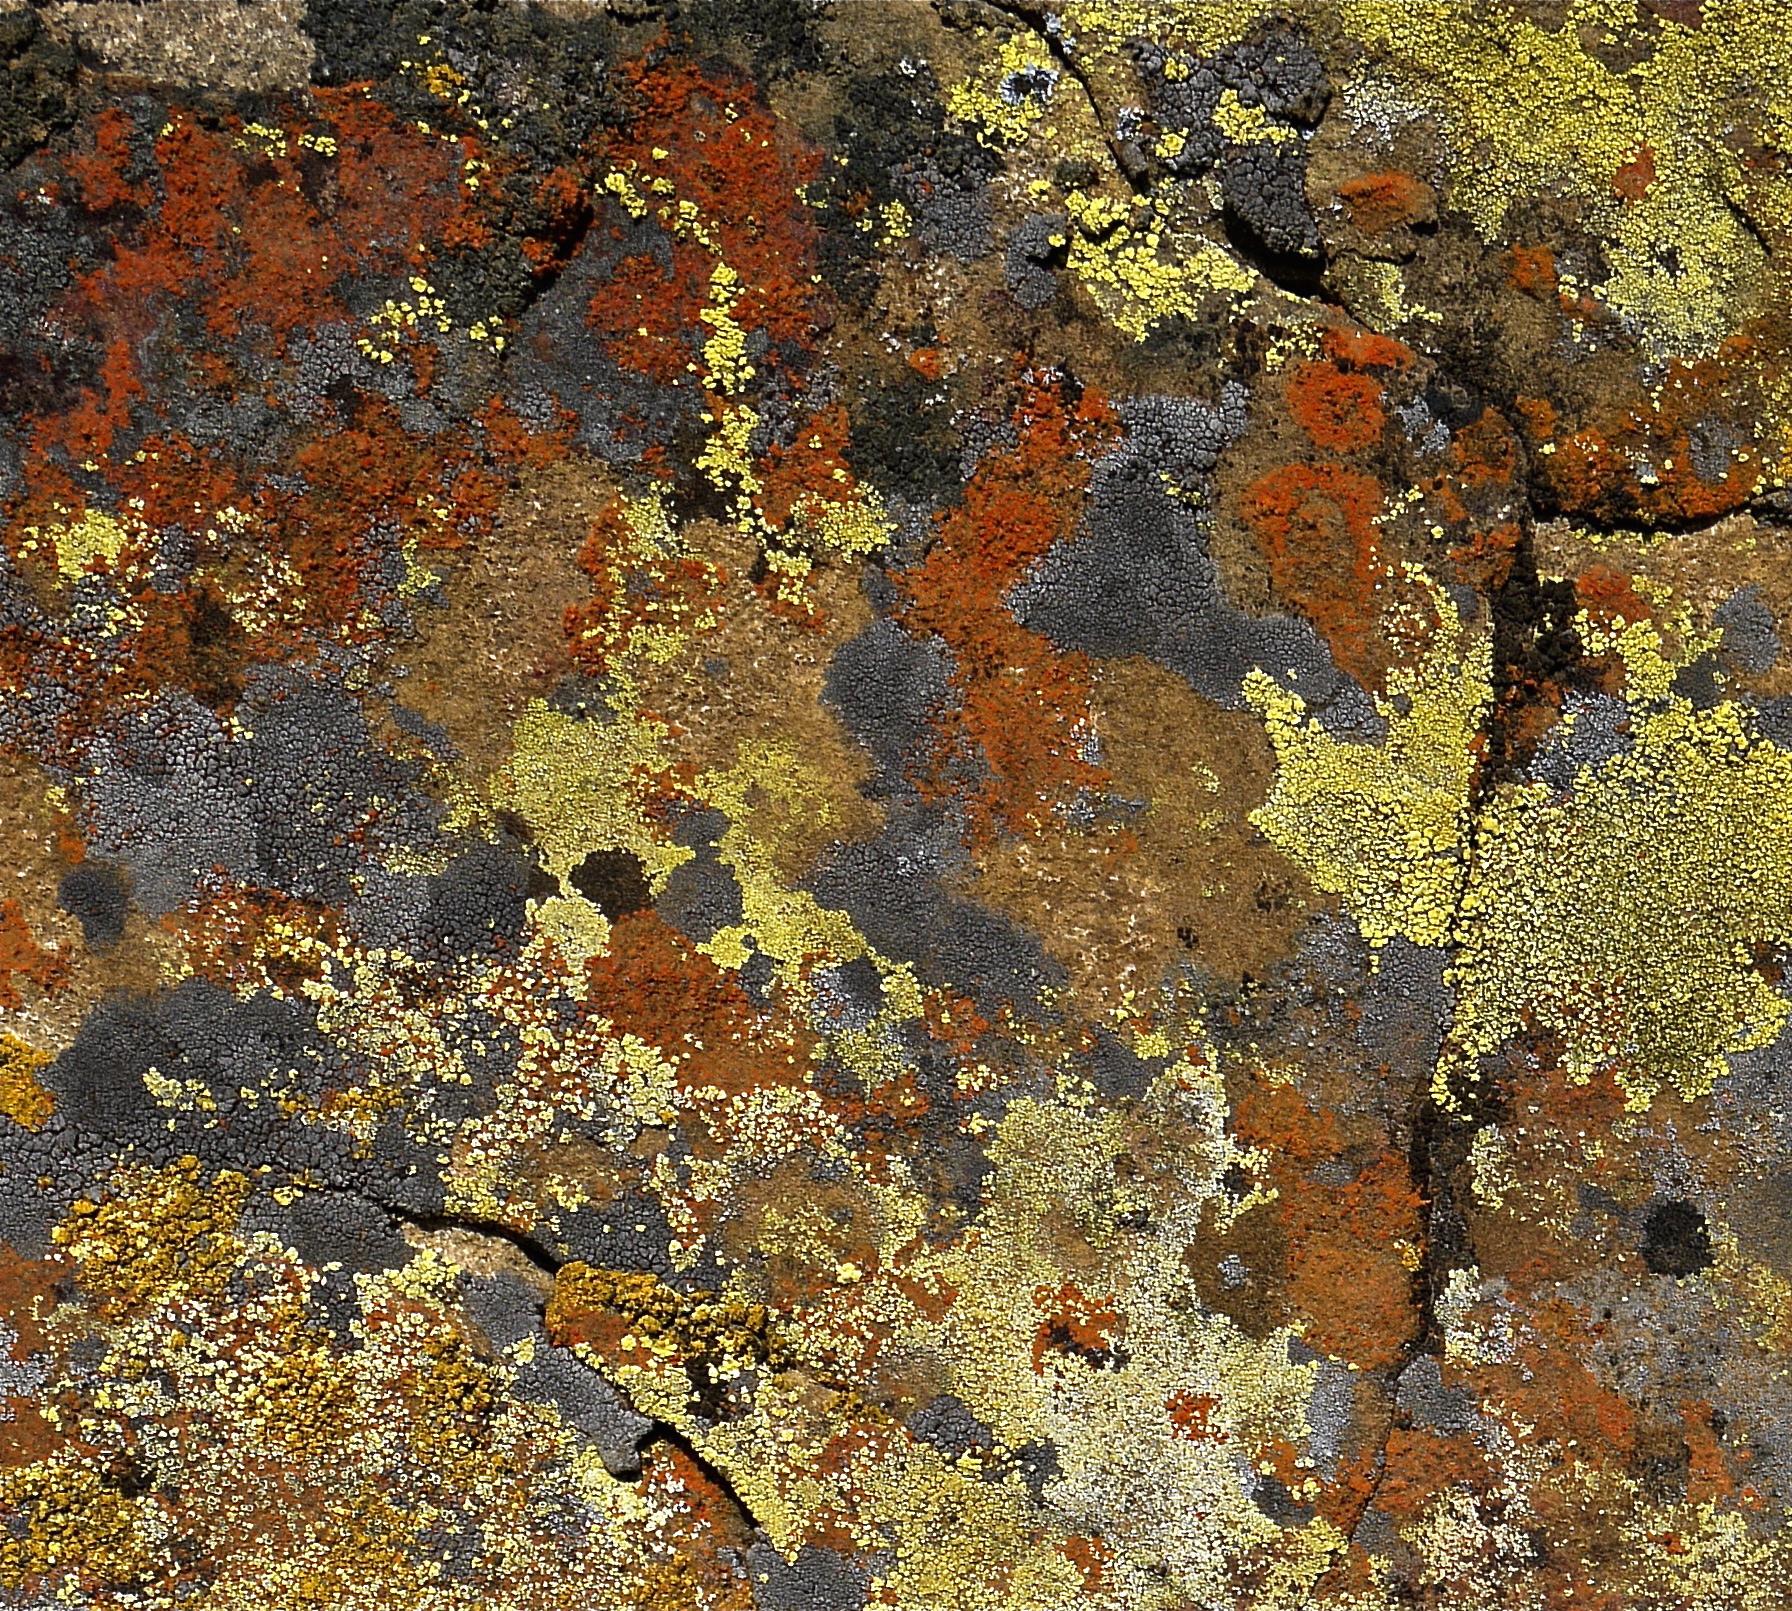 Crustose lichen spatters a boulder in Round Valley.